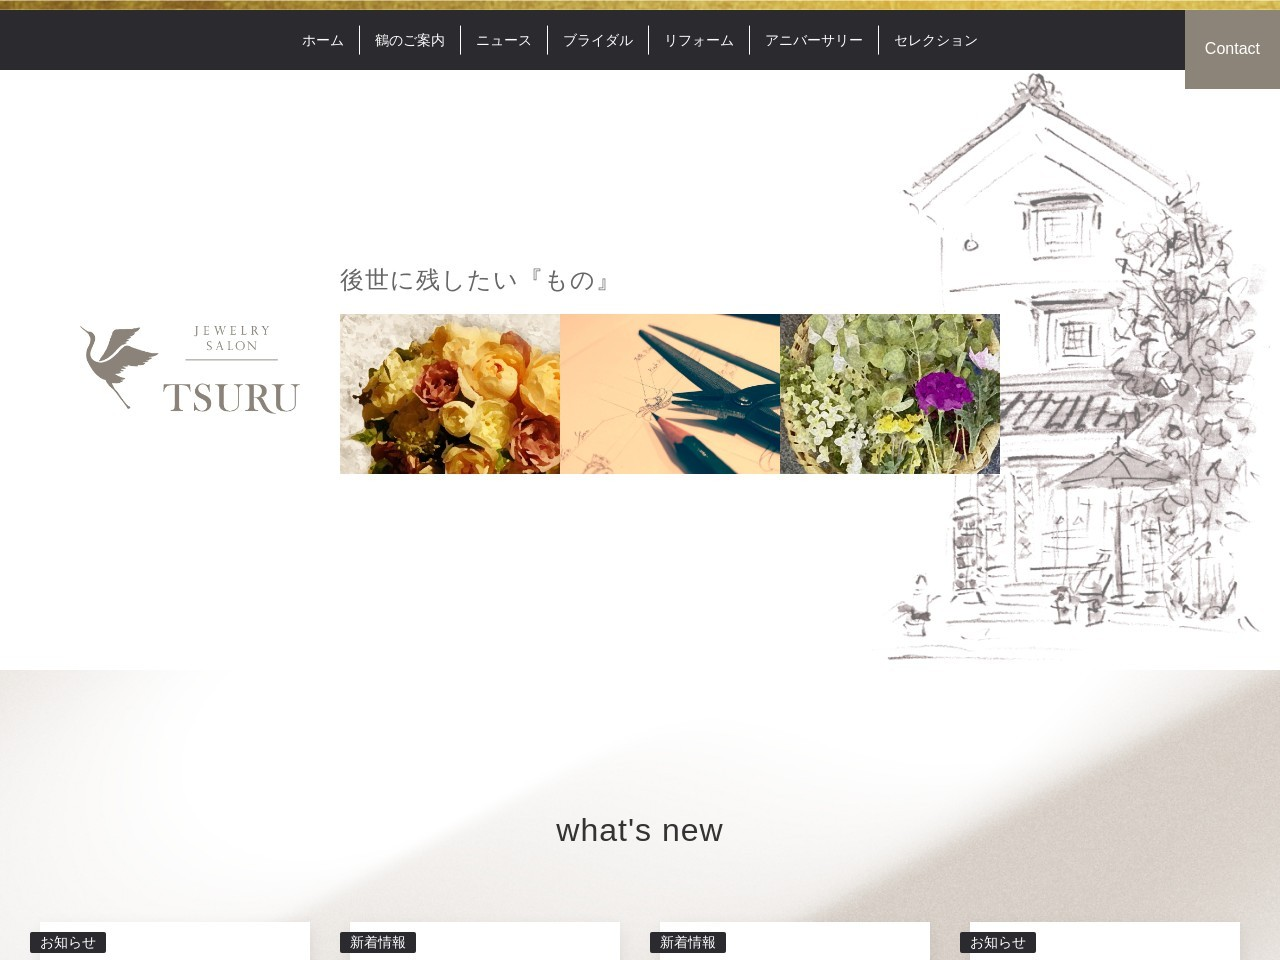 長野県松本市のジュエリーサロン鶴 | 結婚指輪・婚約指輪